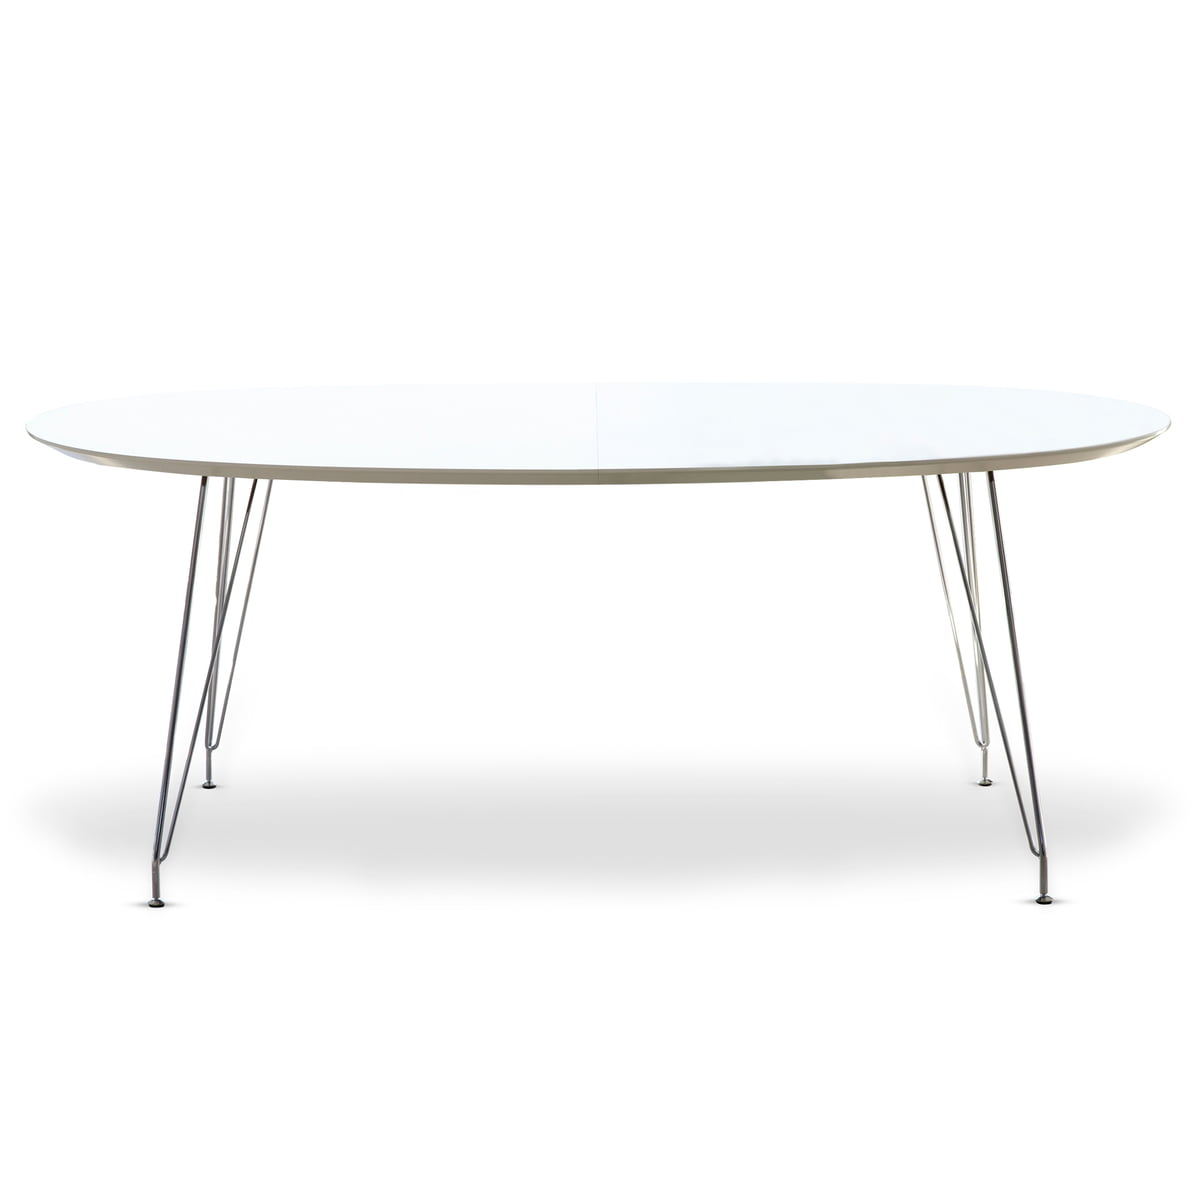 Ovalen Witte Eettafel.Andersen Furniture Dk10 Uitschuifbare Tafel Ovaal Verchroomd Wit